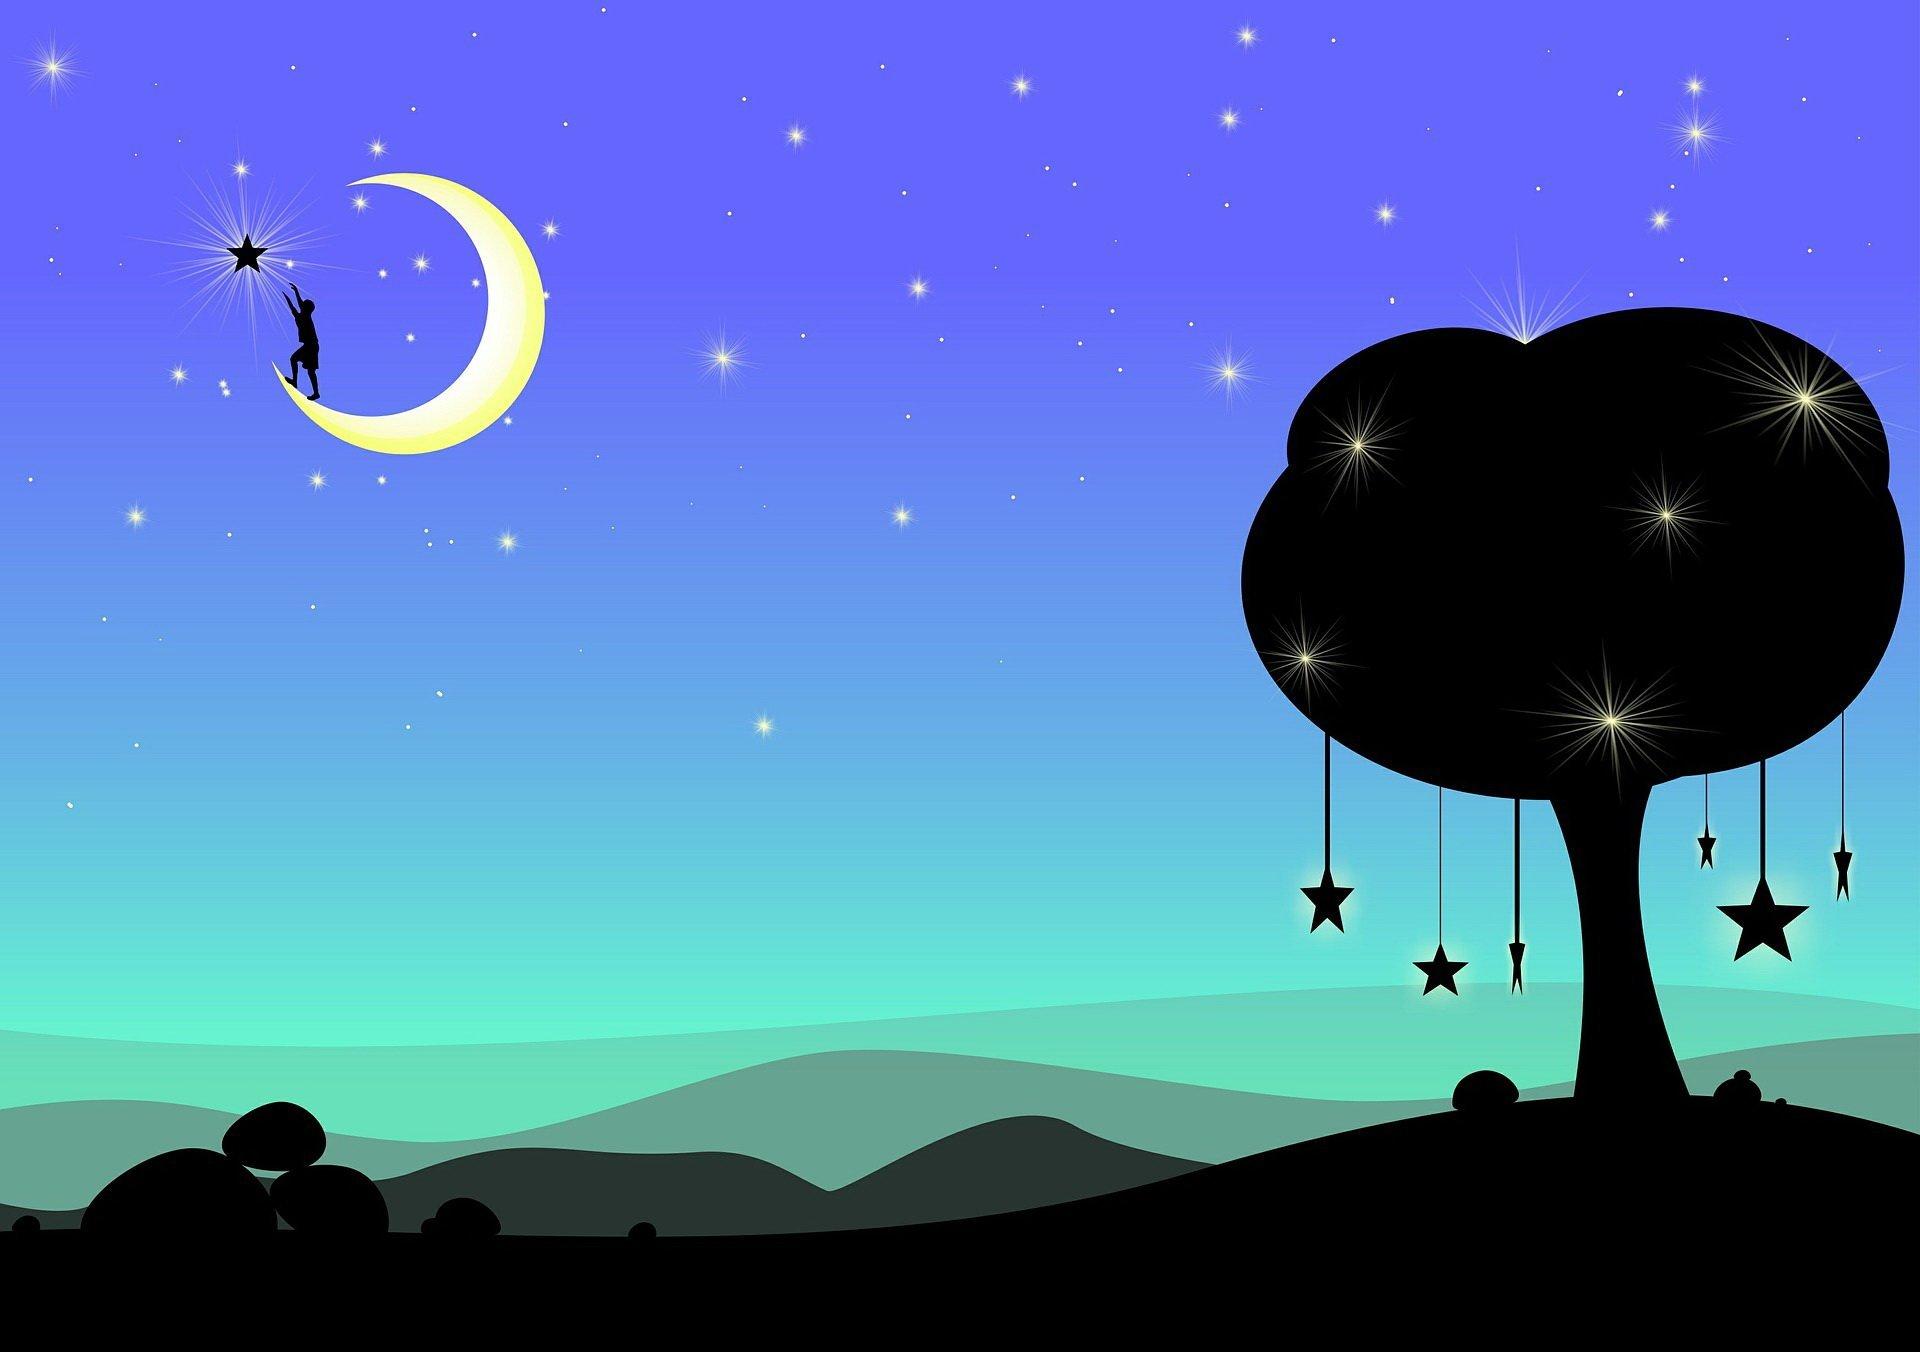 kukuryku na księżycu wierszyk dla dzieci